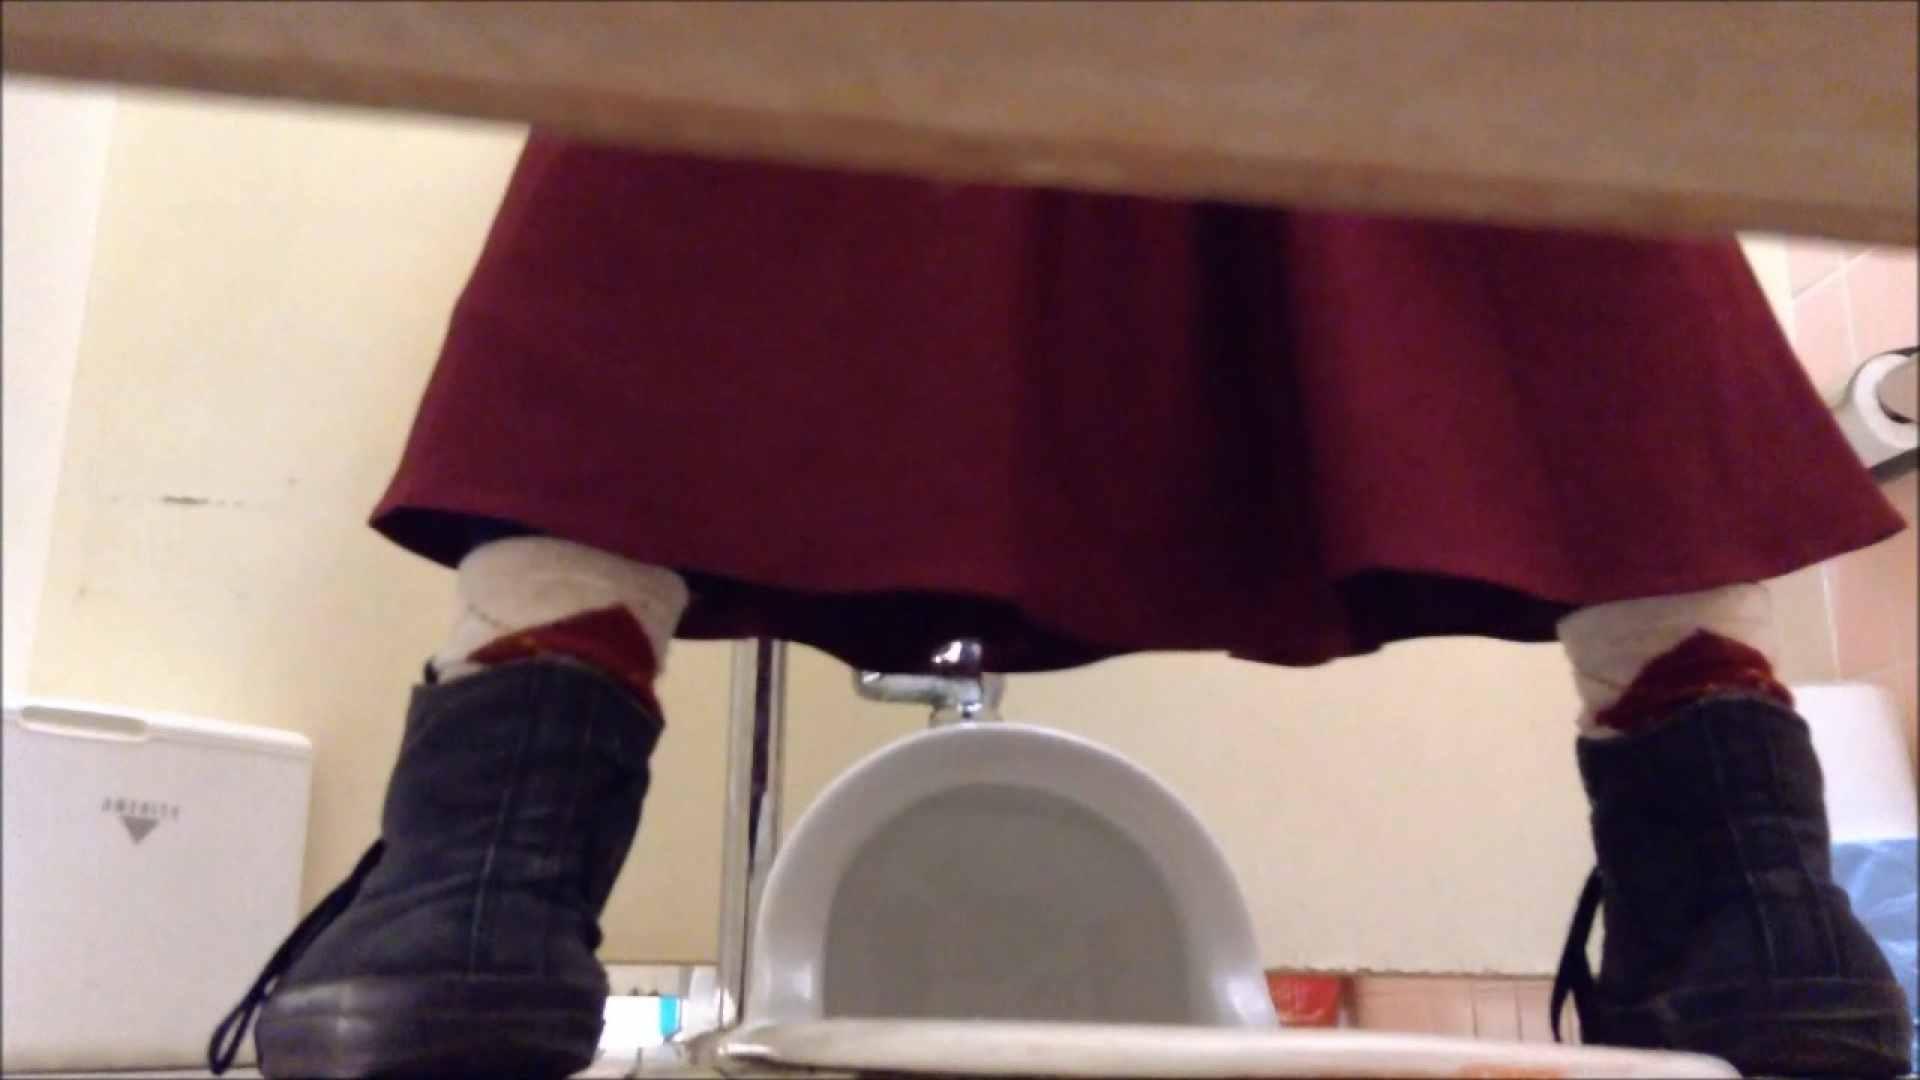 某有名大学女性洗面所 vol.09 潜入 オメコ無修正動画無料 111画像 42